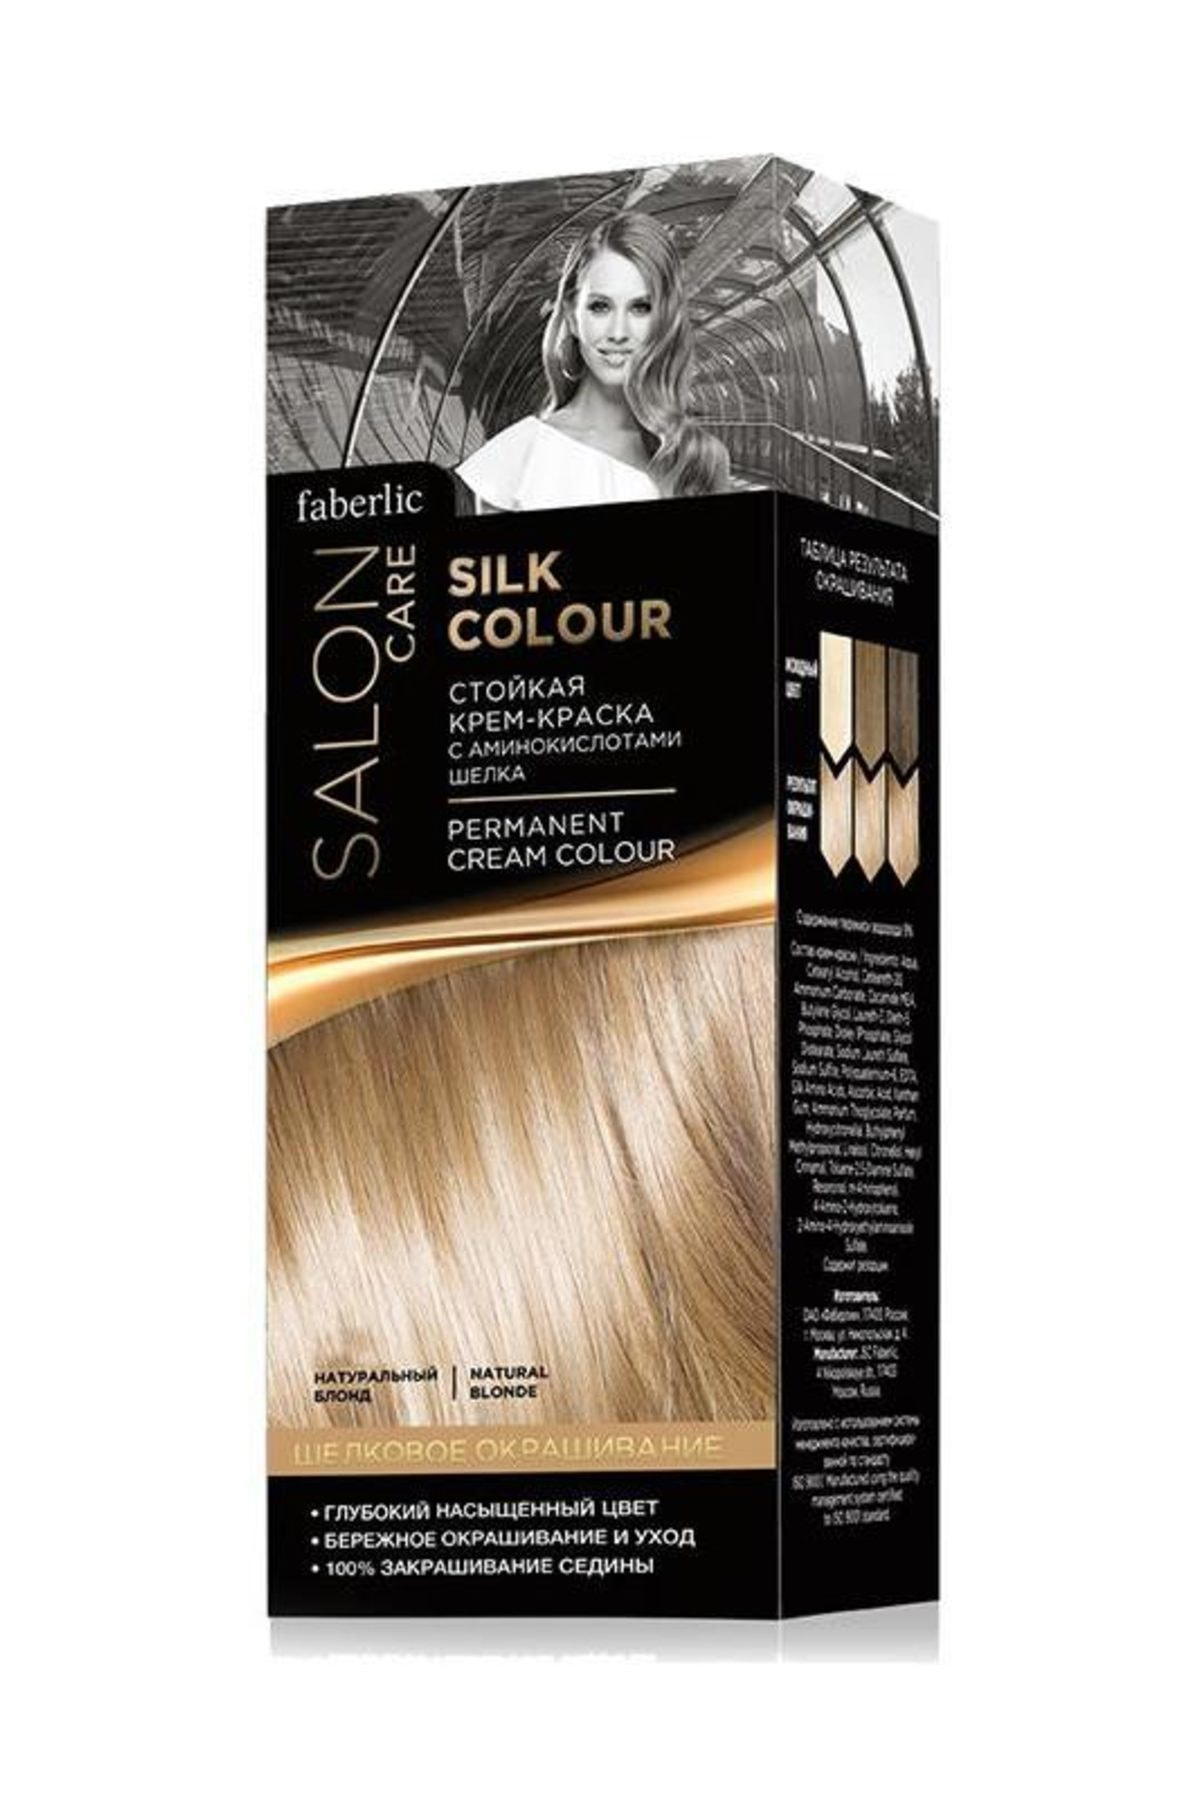 Faberlic Krem Saç Boyası - Salon Care 8259 4690302386665 1